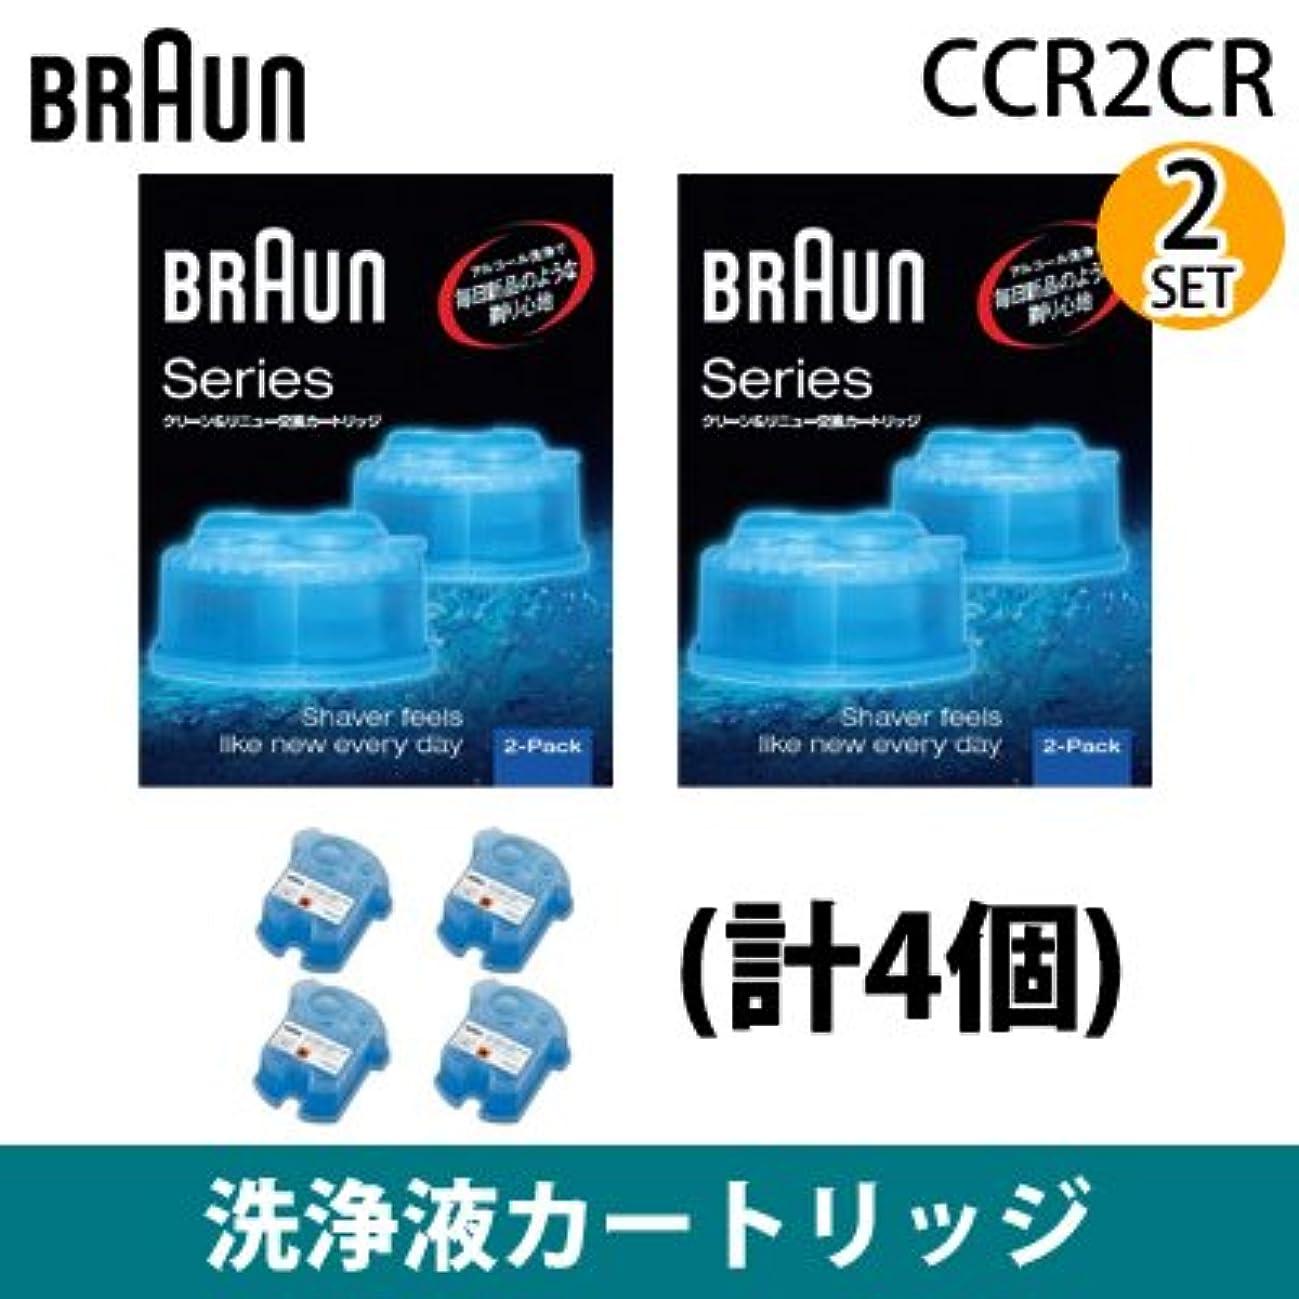 スキム記念品敏感な【2セット】ブラウン メンズシェーバー アルコール洗浄システム専用洗浄液カートリッジ (2個入×2セット)(計4個) CCR2CR-2SET